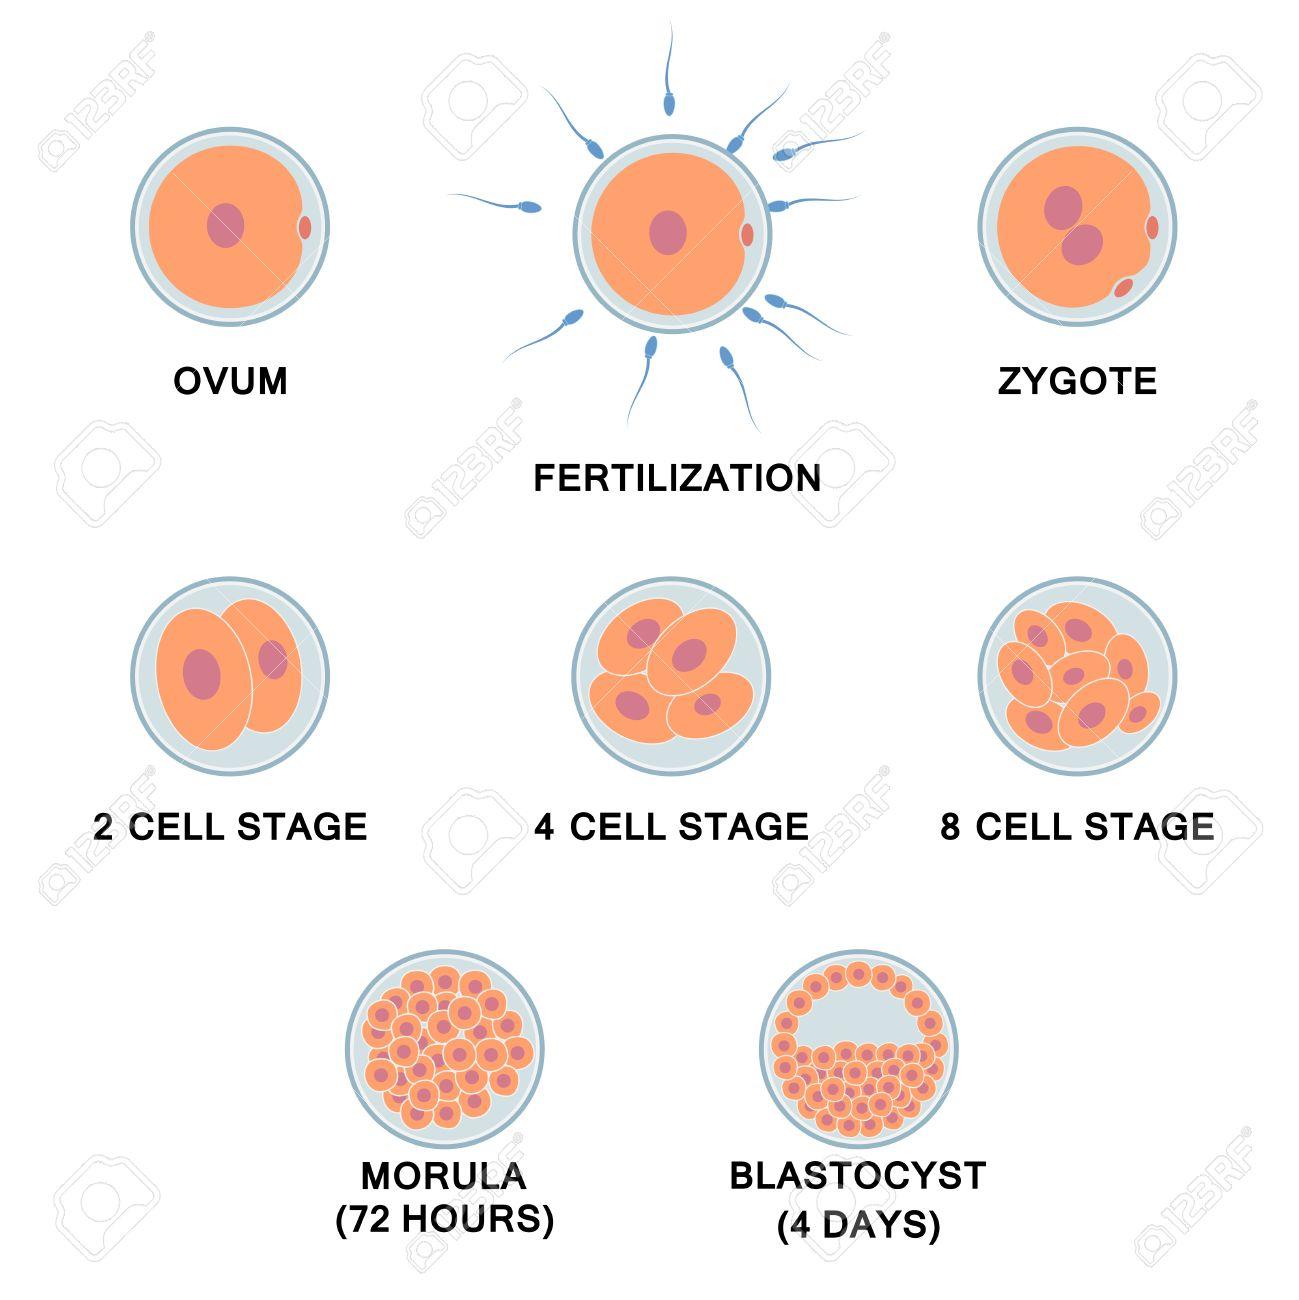 Le livre de Vie de l'Agneau 43876406-le-développement-de-l-embryon-humain-images-de-stades-de-l-ovule-de-blastocyste-